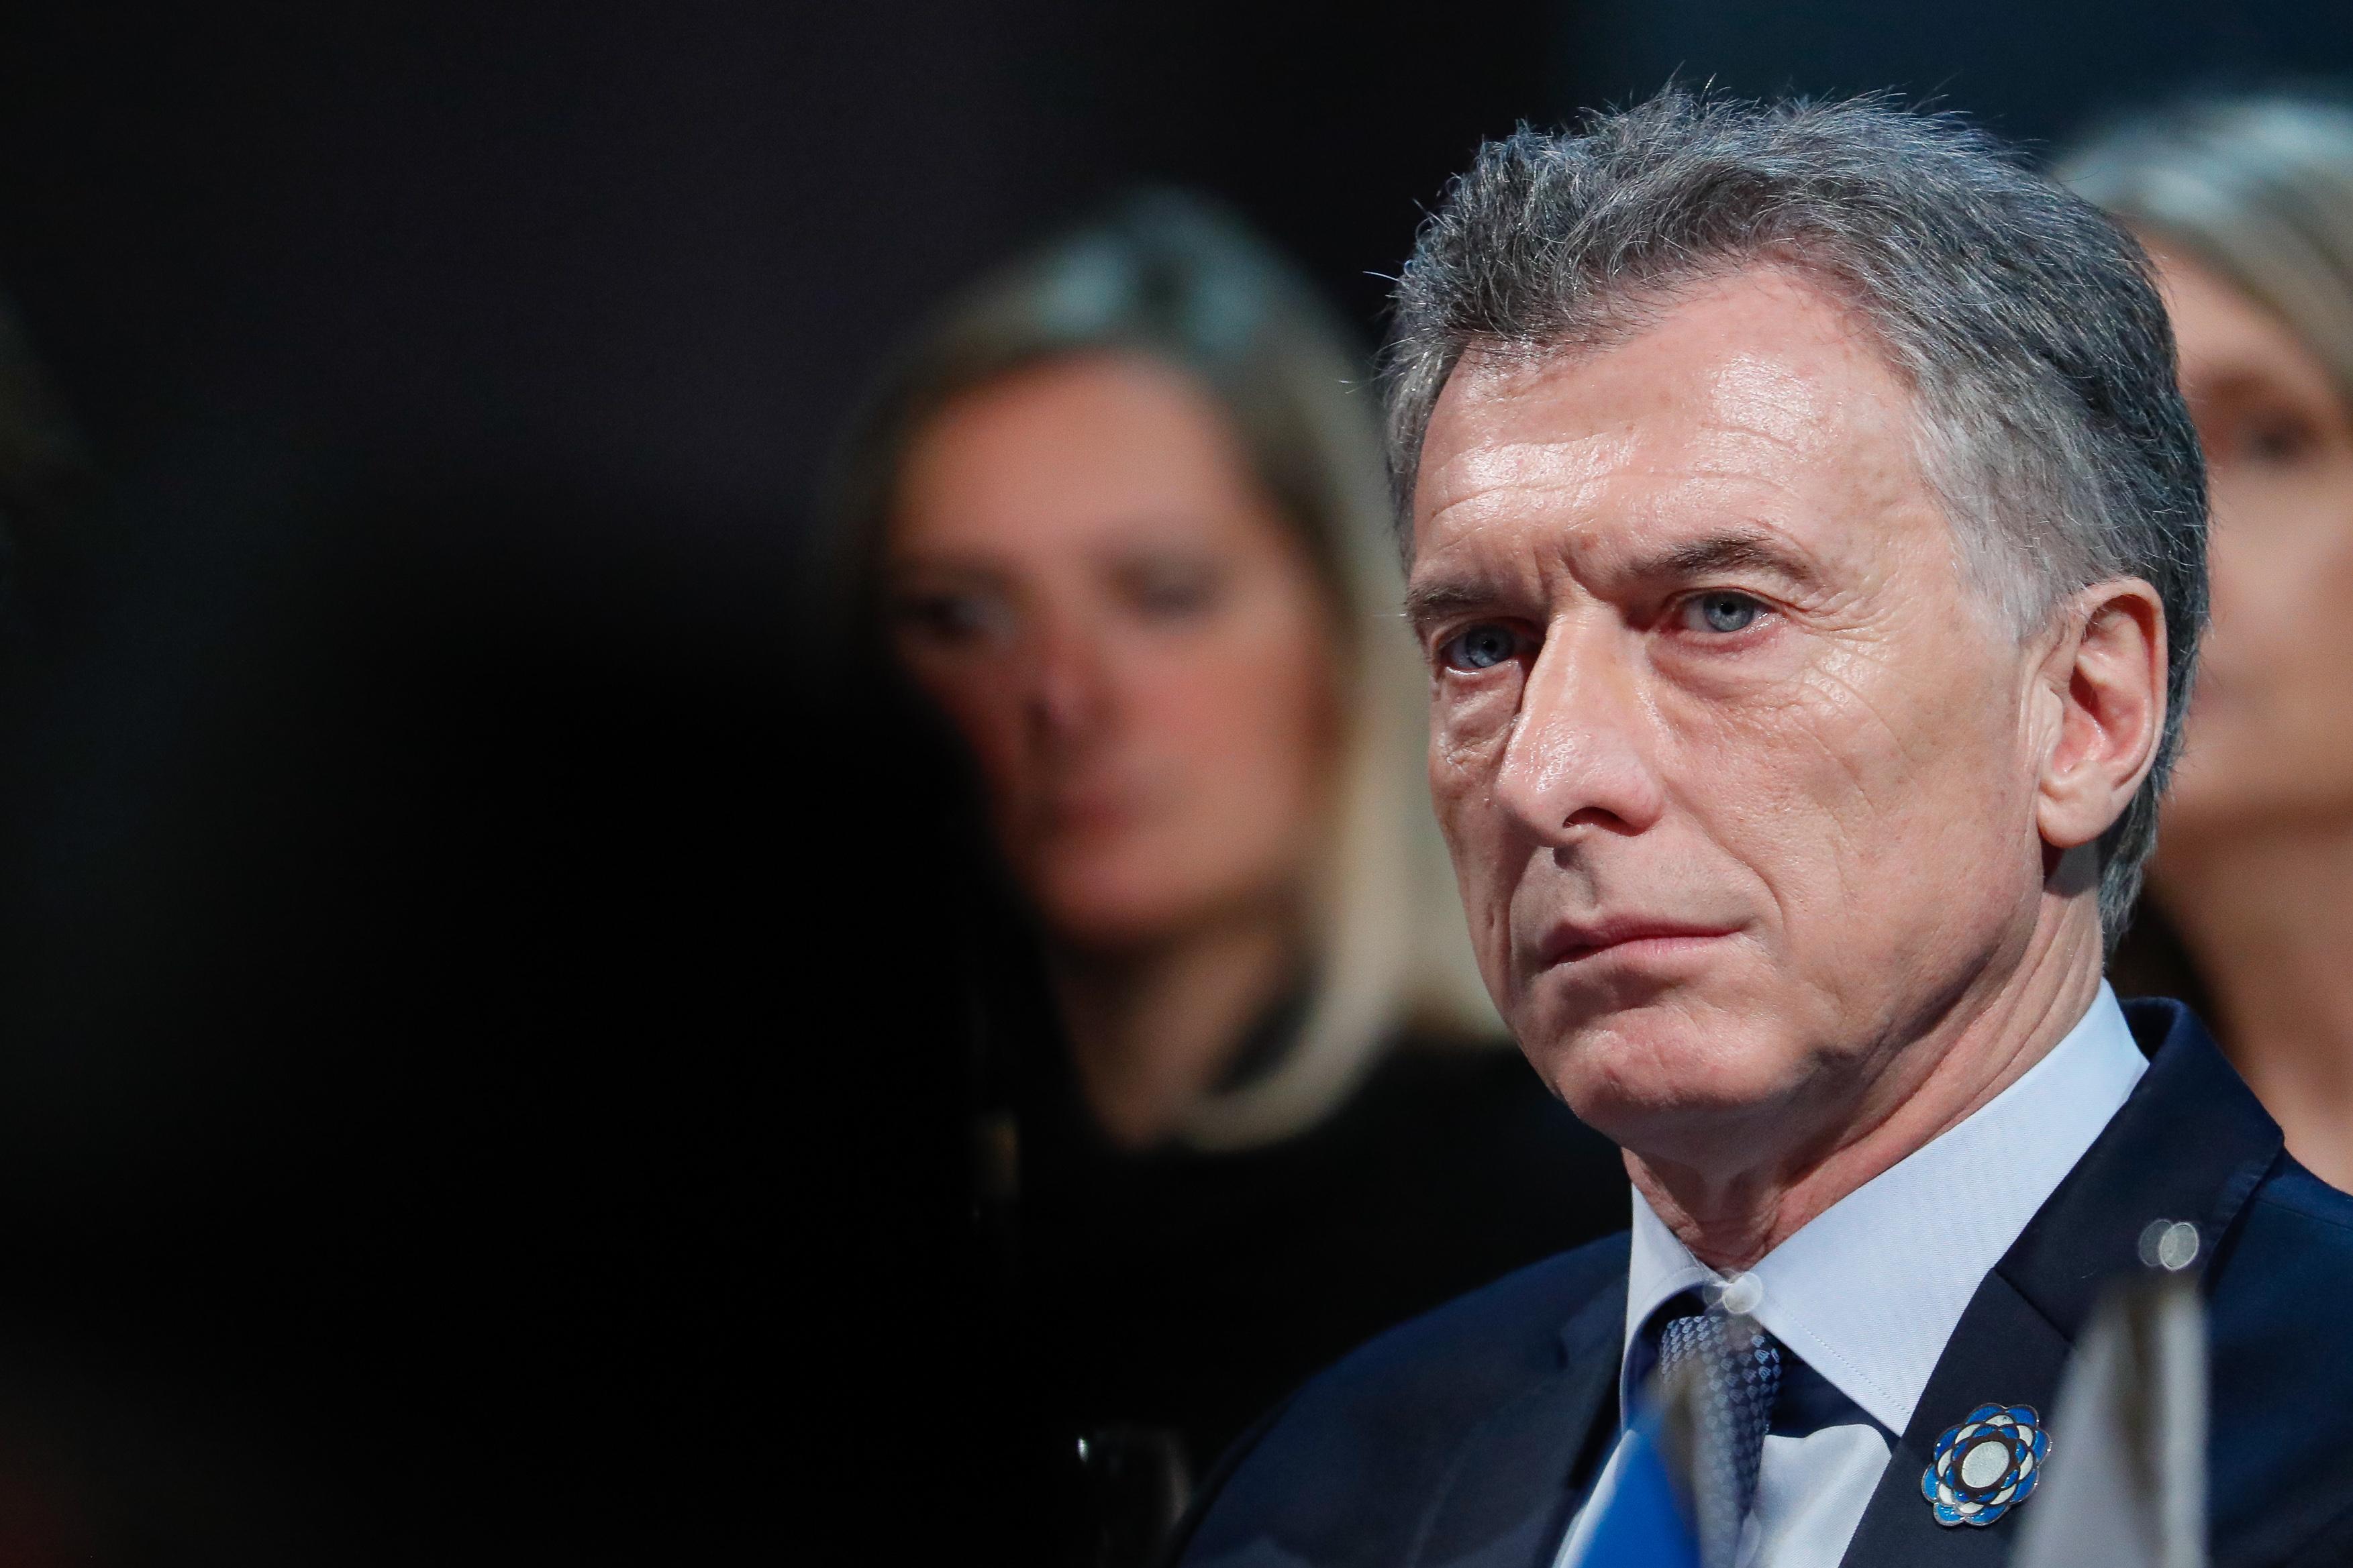 IMAGEM: Medidas da Argentina podem acelerar fuga de capitais, diz economista